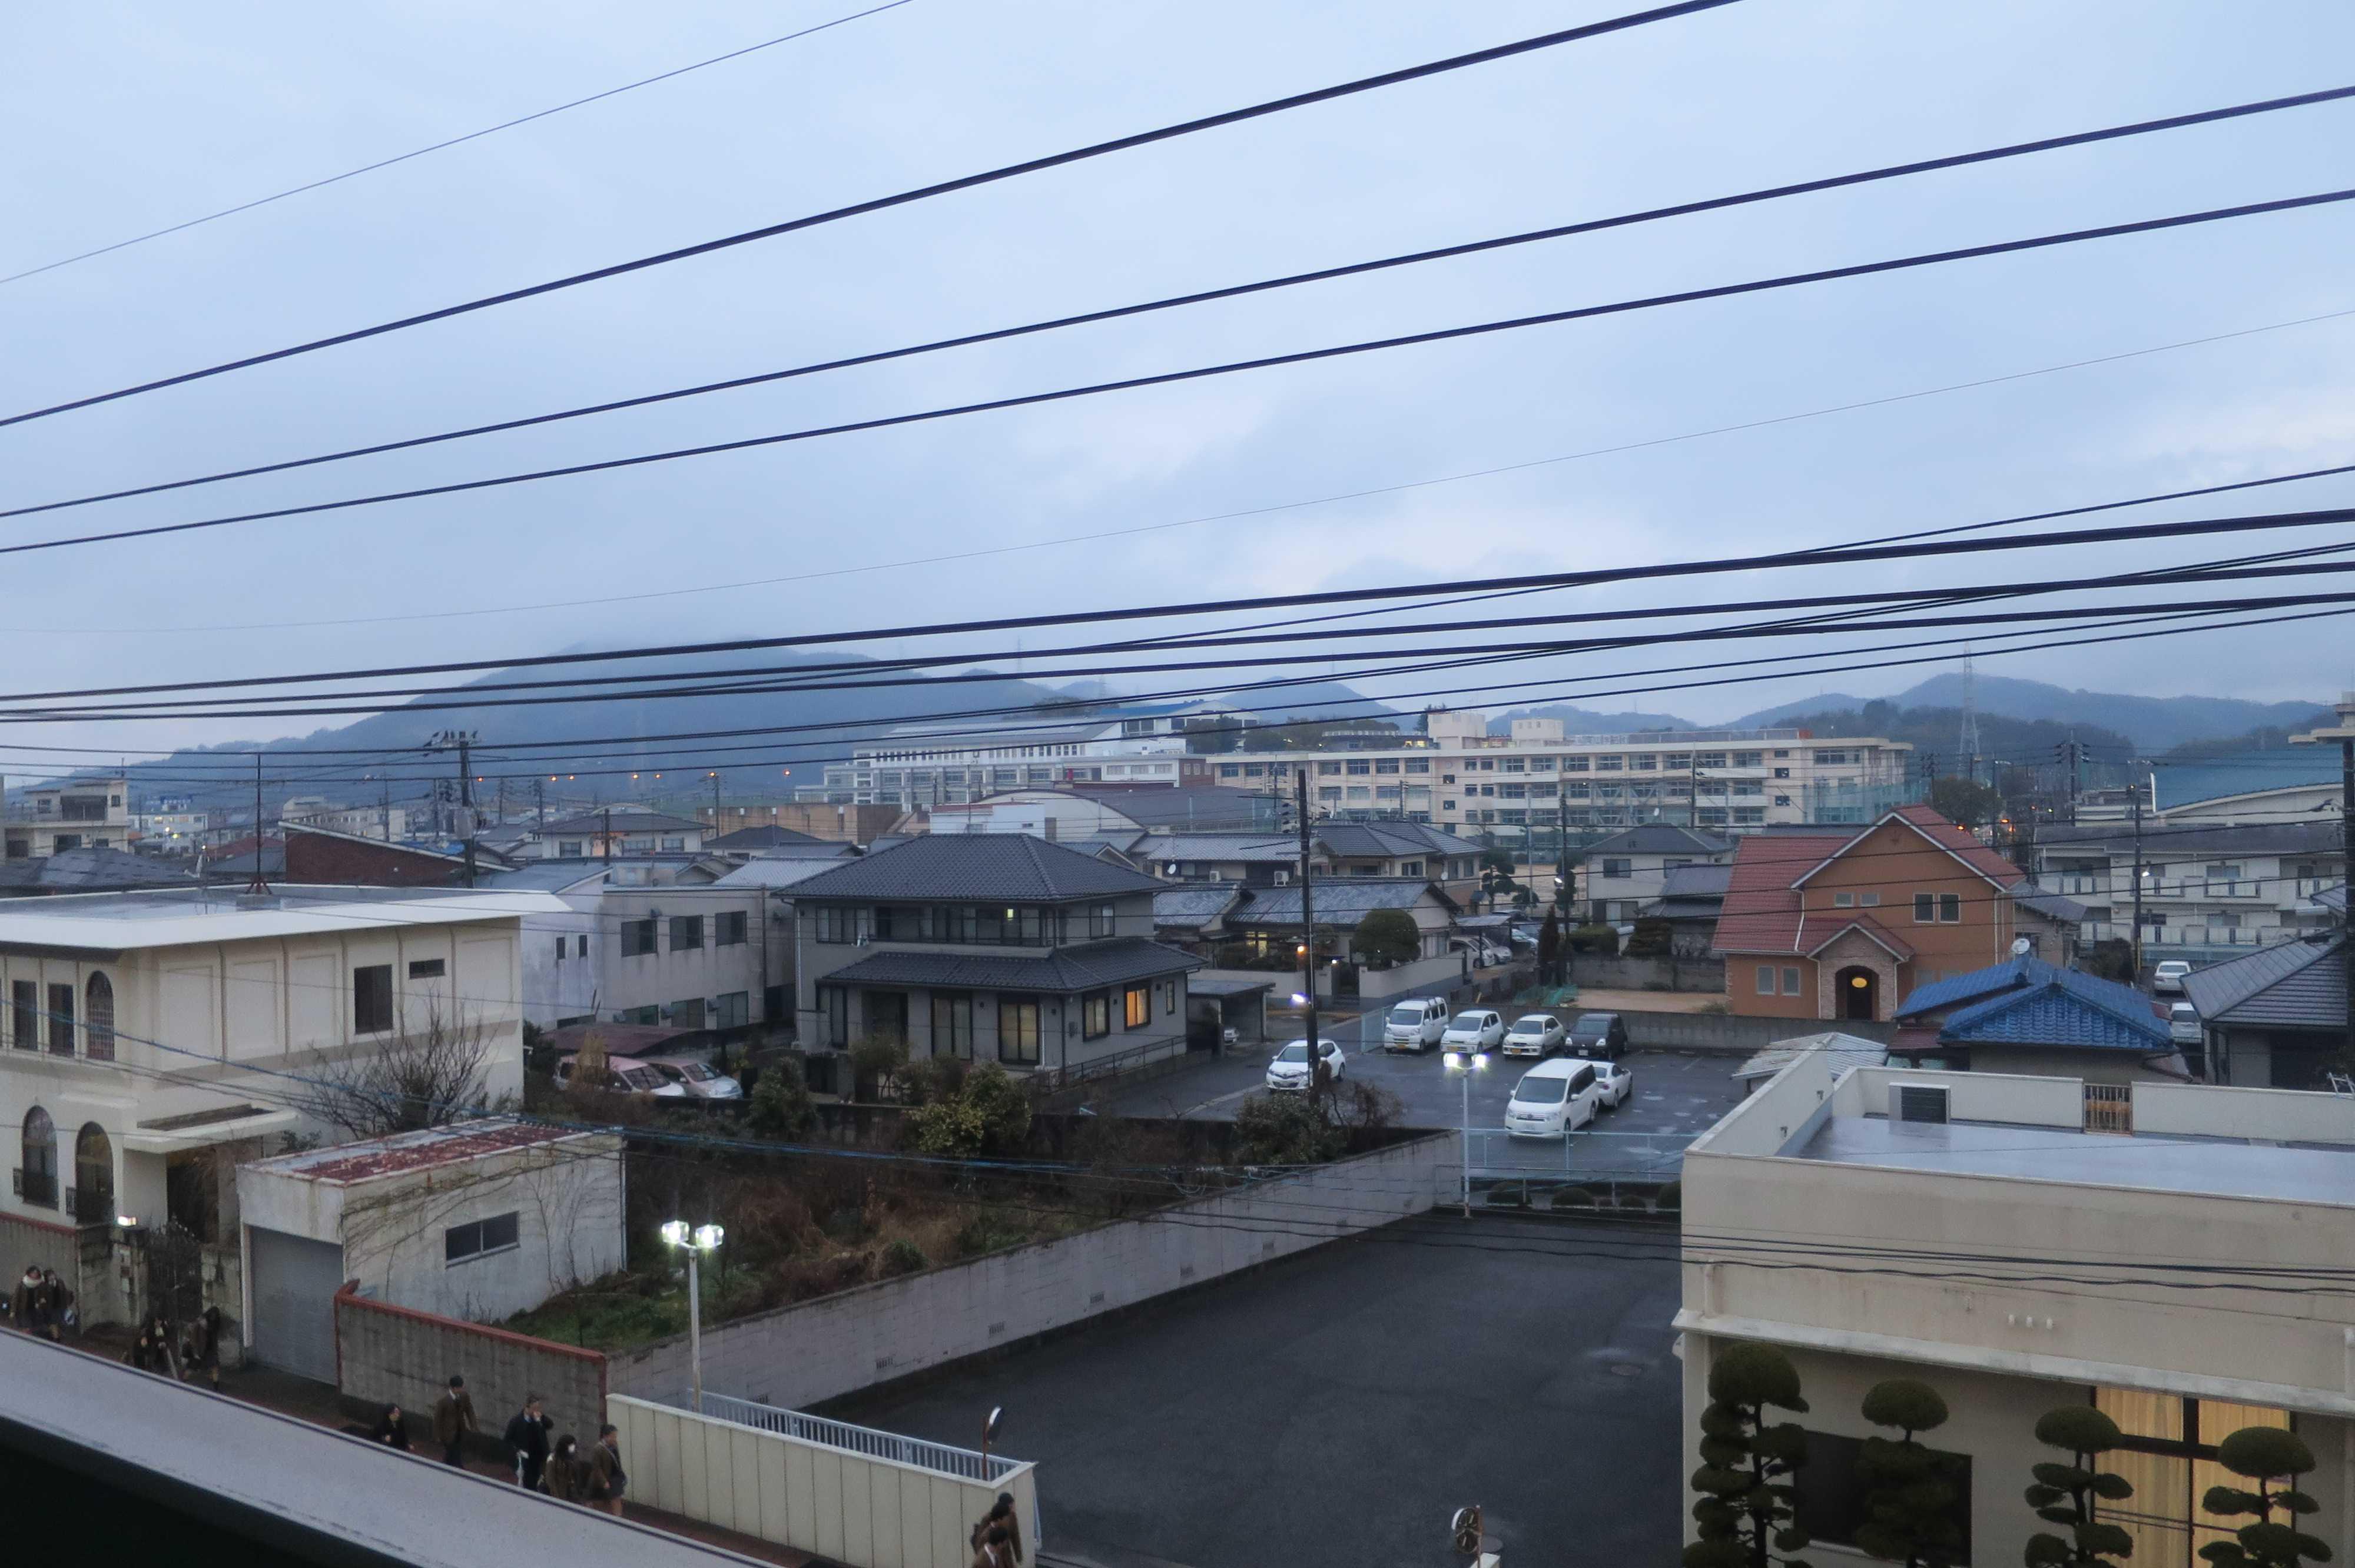 西大寺の風景 - 宿泊ホテルの窓からの眺め